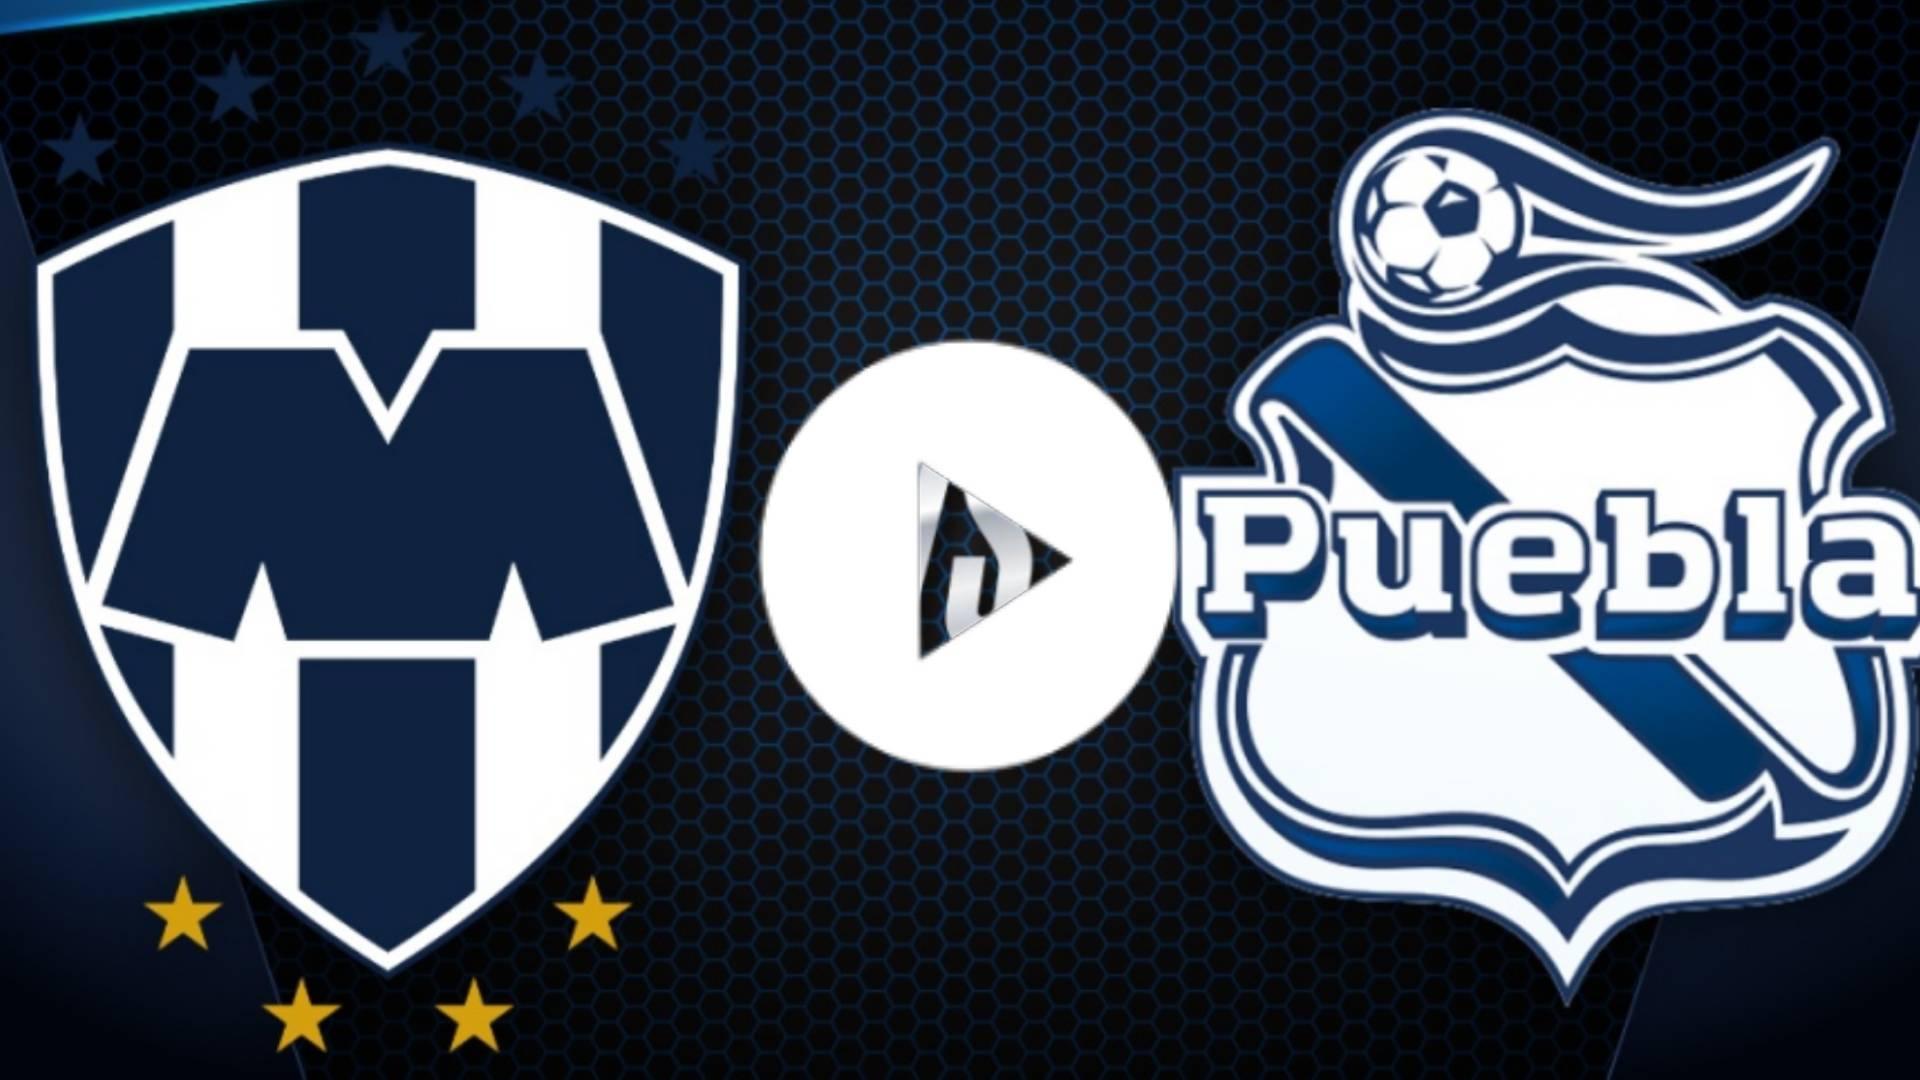 EN VIVO LIGA MX: Monterrey vs Puebla EN VIVO ONLINE, Hora Y Donde Ver | Liga MX EN VIVO 2020